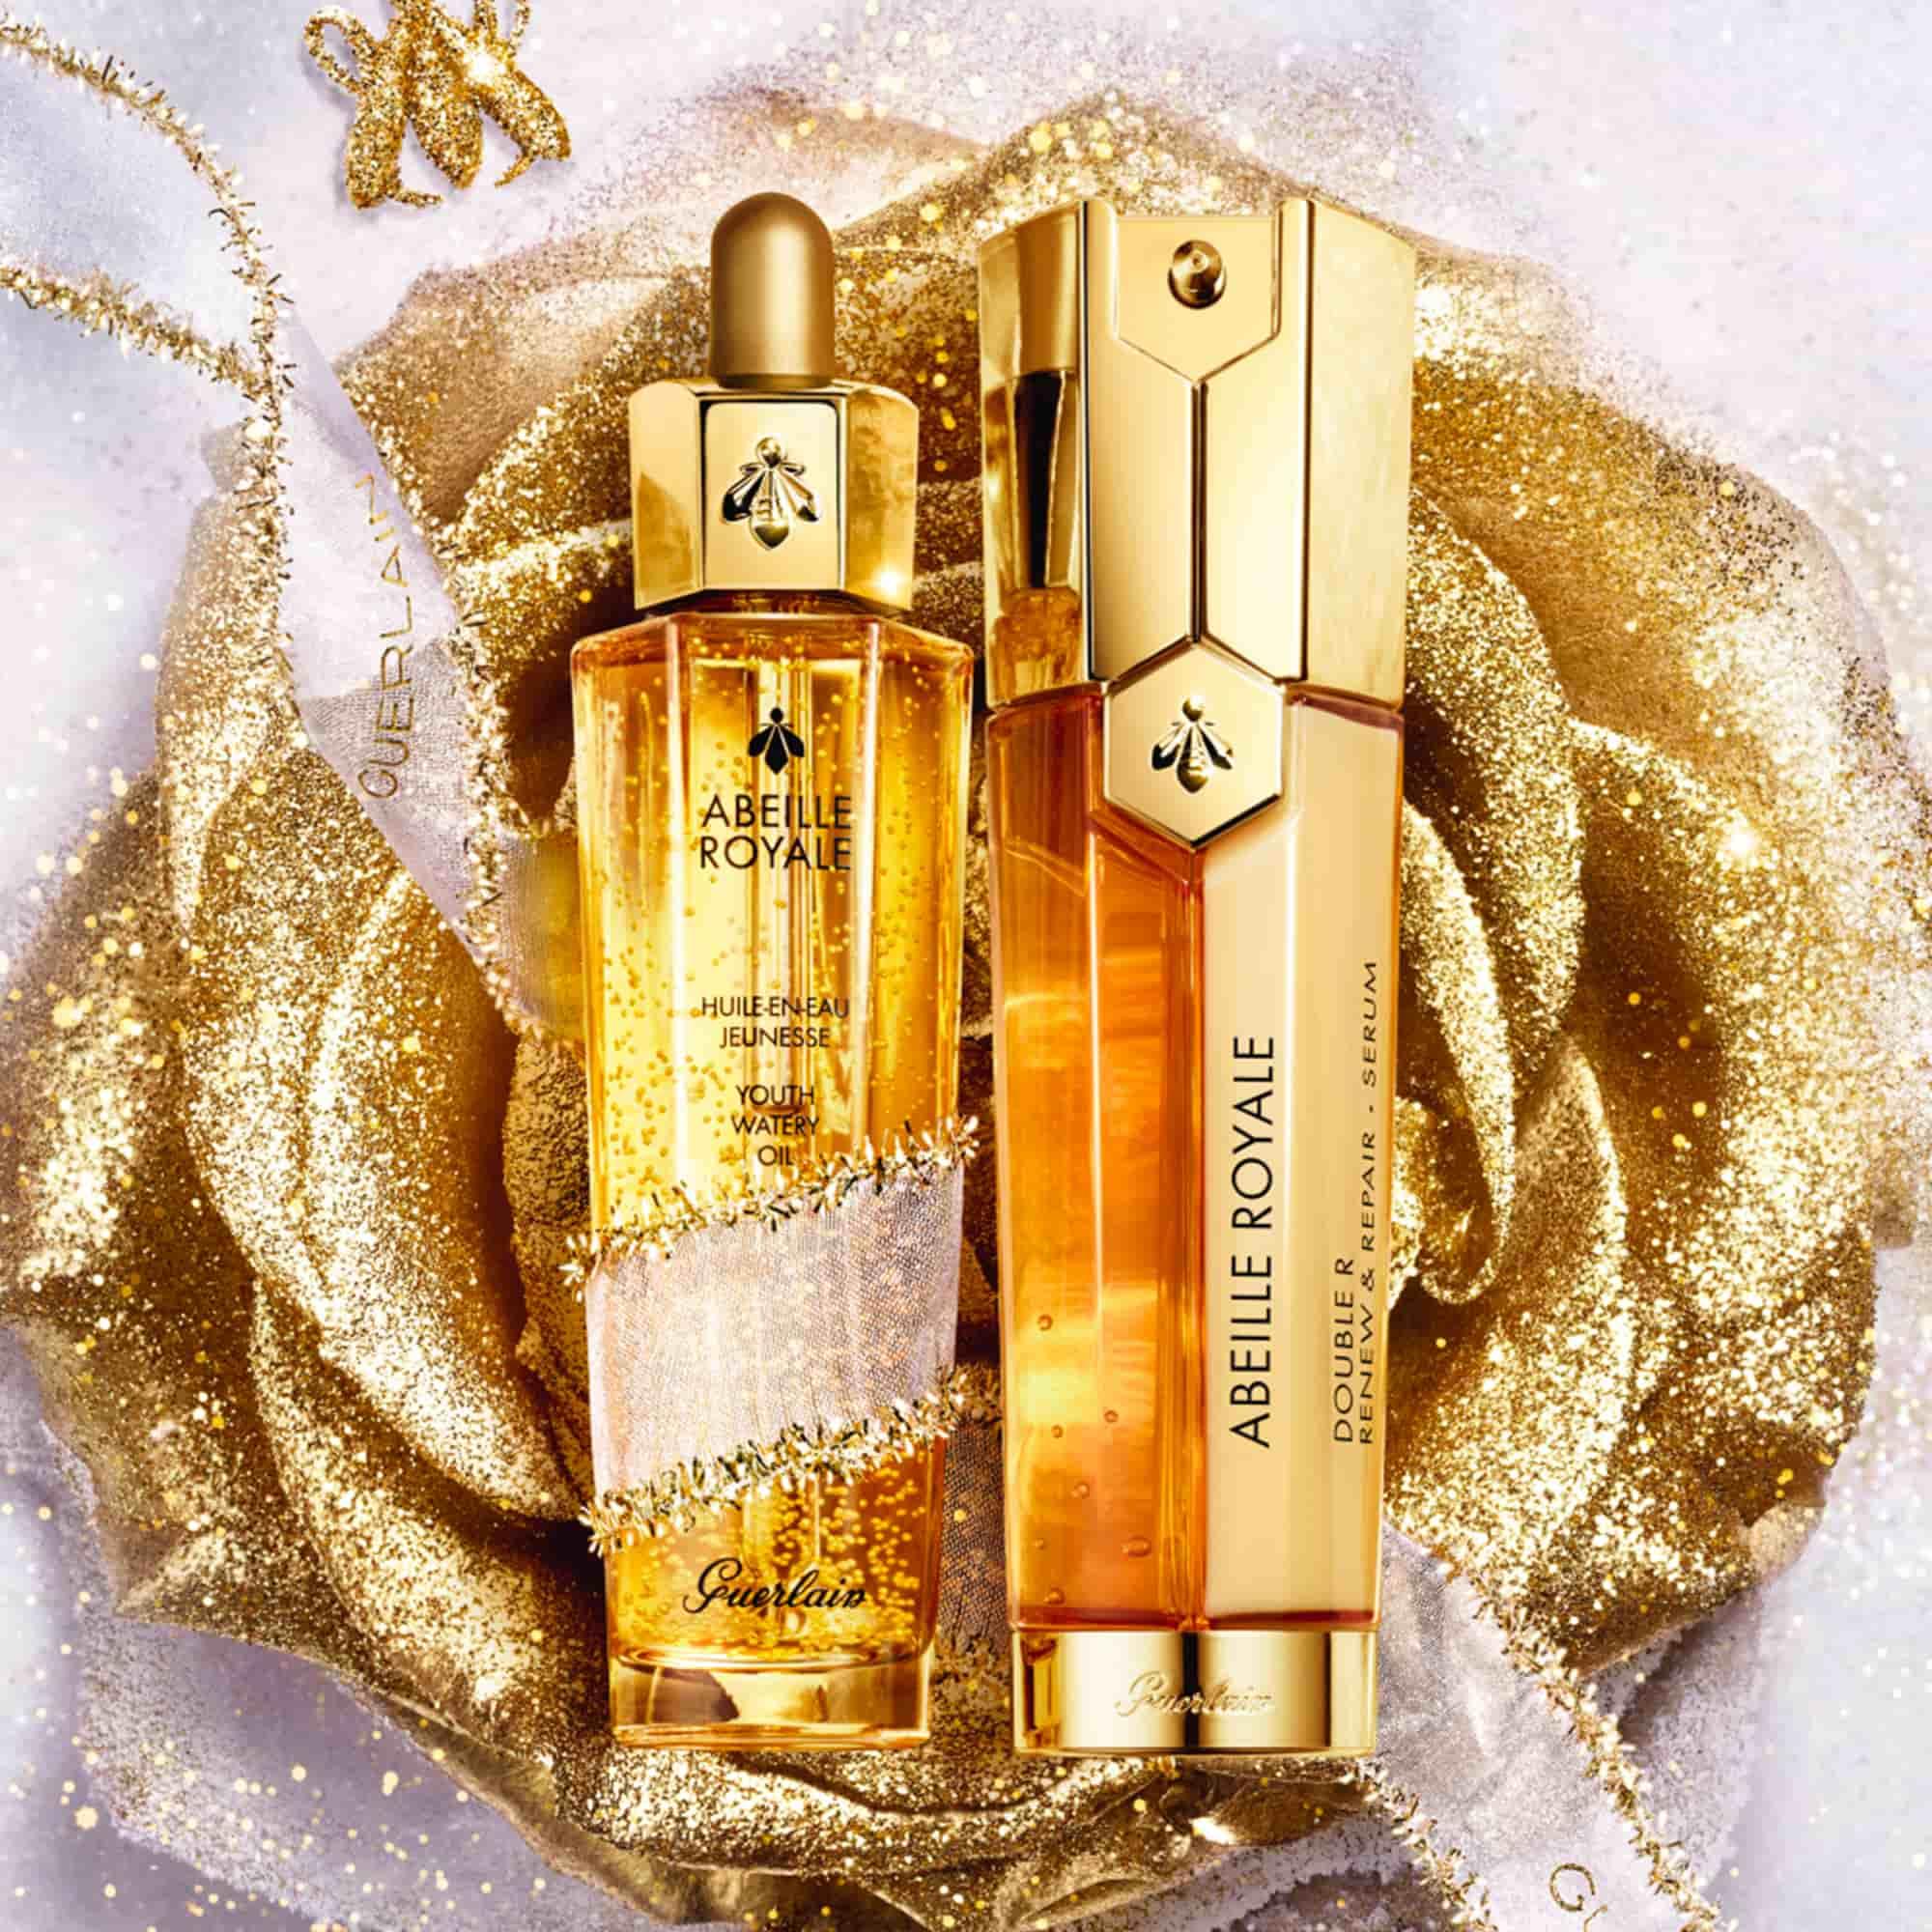 Guerlain Abeille Royale - Regali di Natale per lei